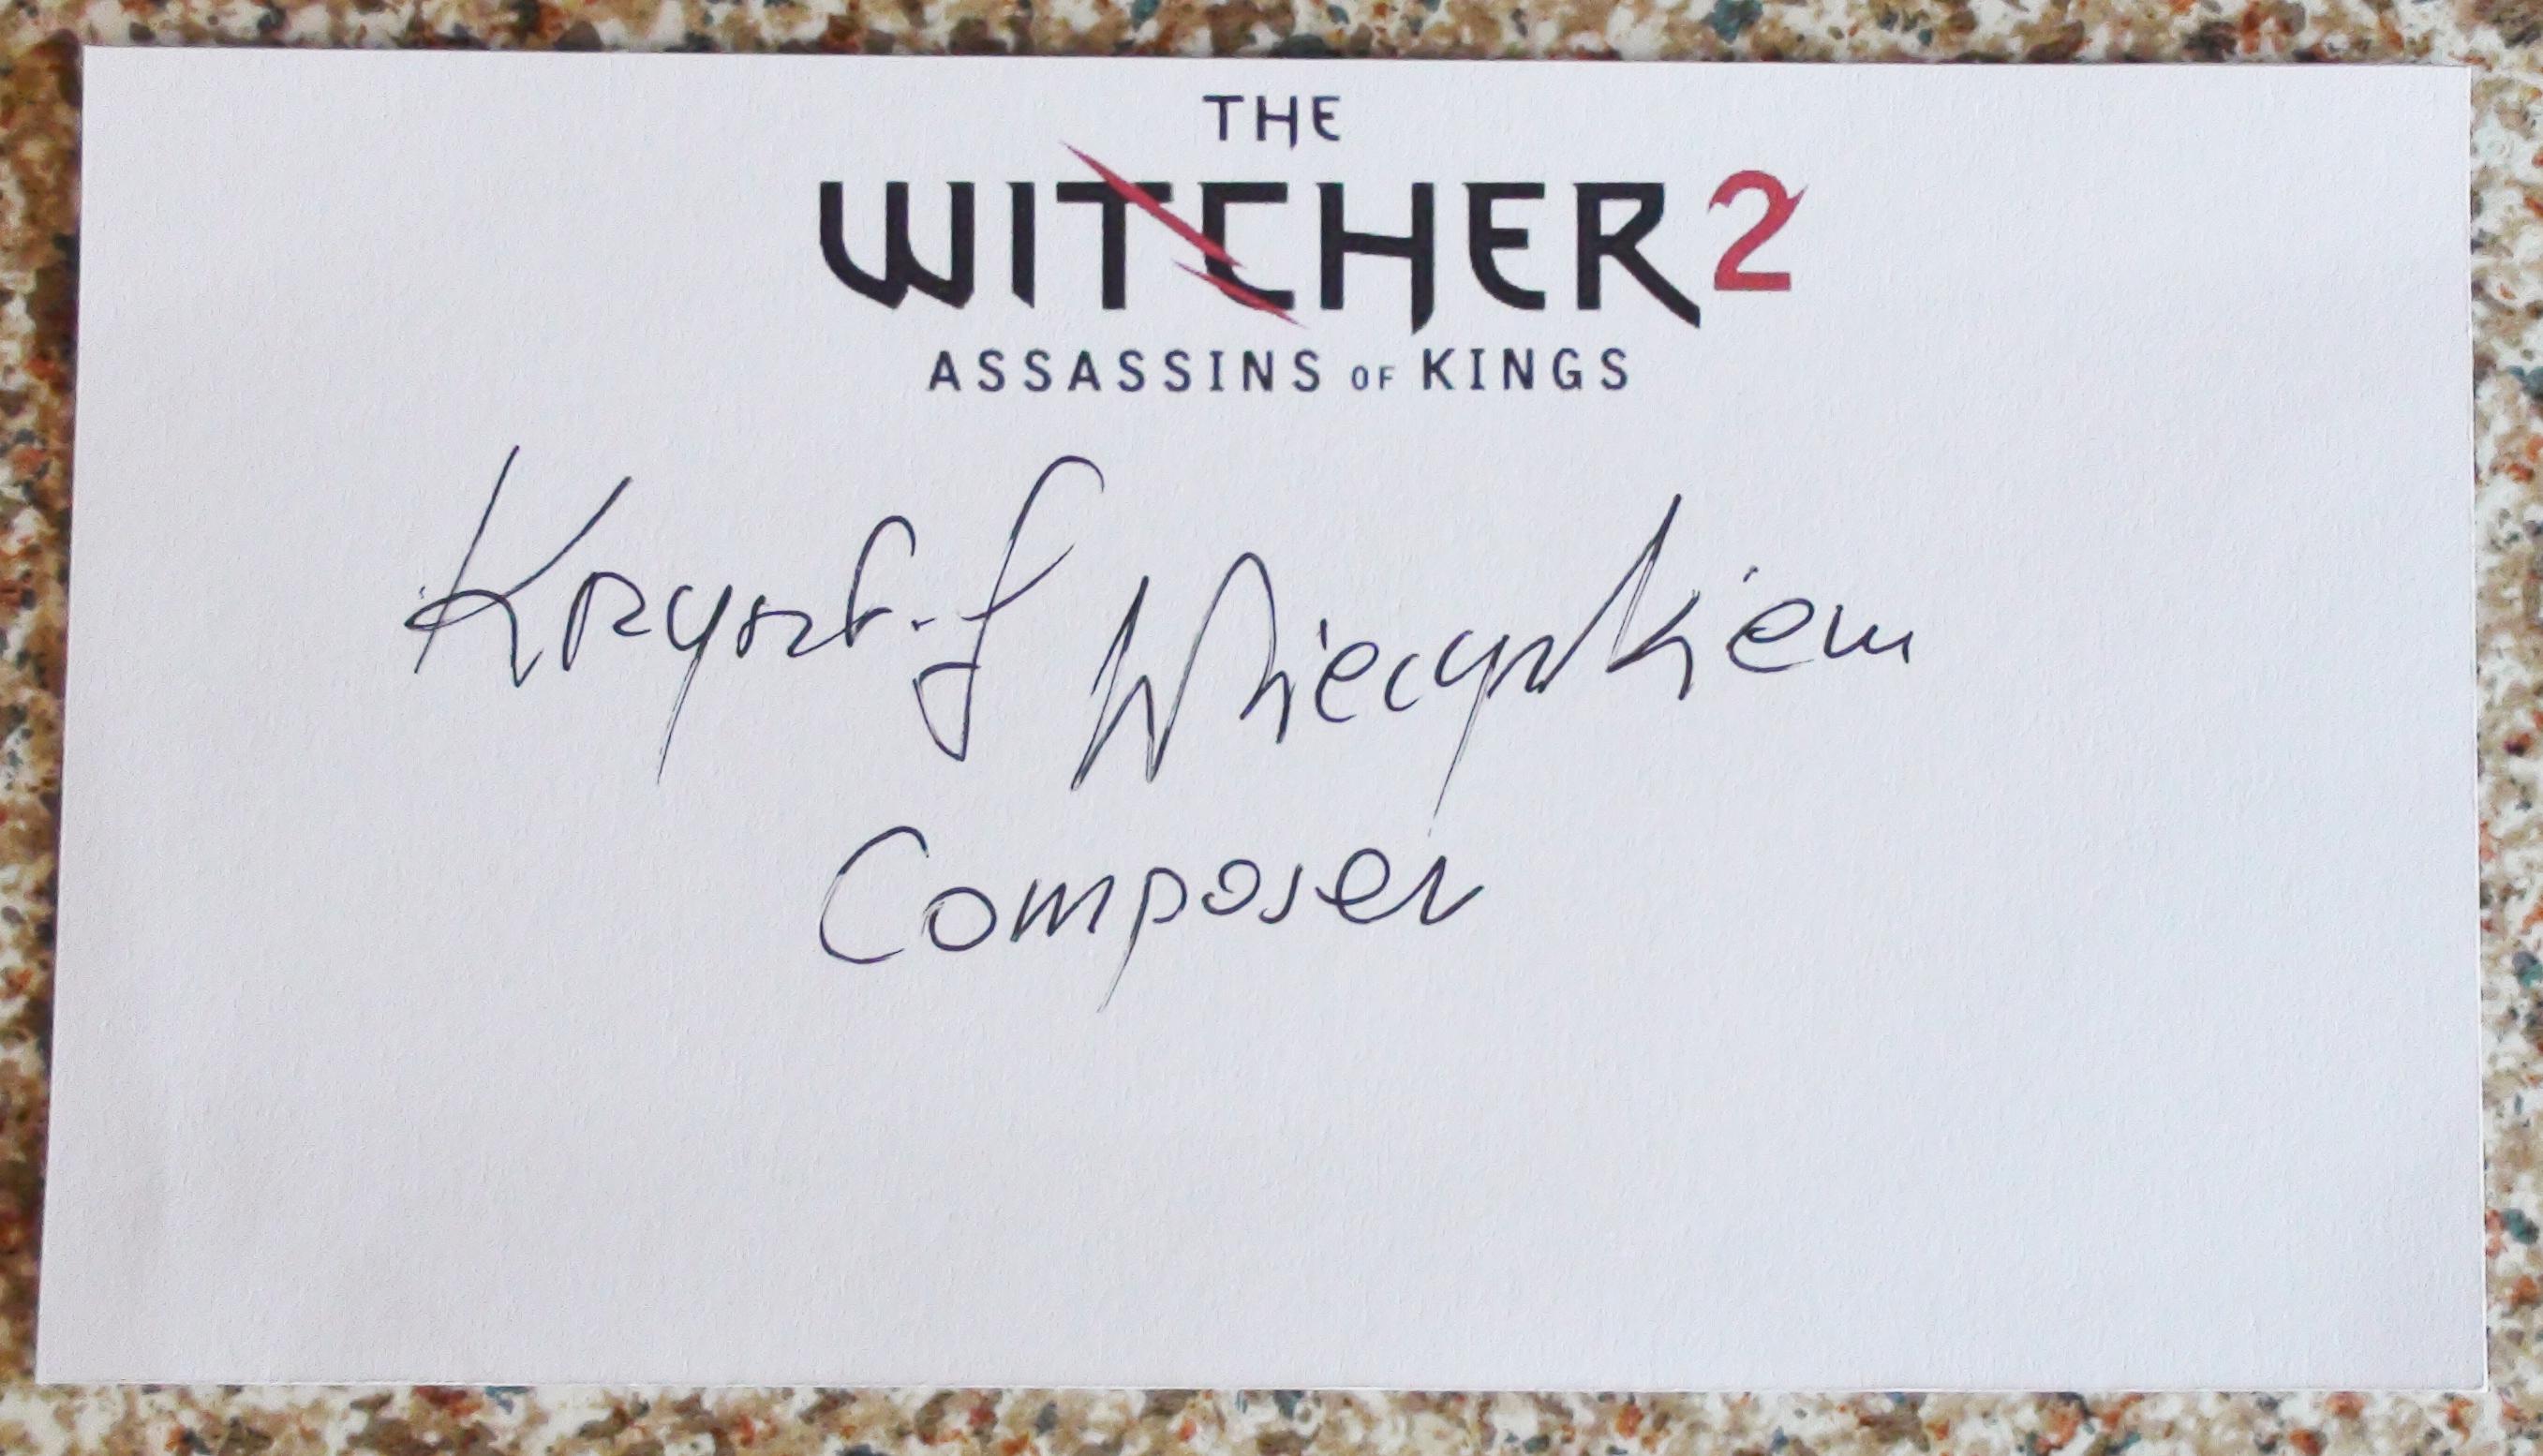 Witcher 2 - Krzysztof Wierzynkiewicz